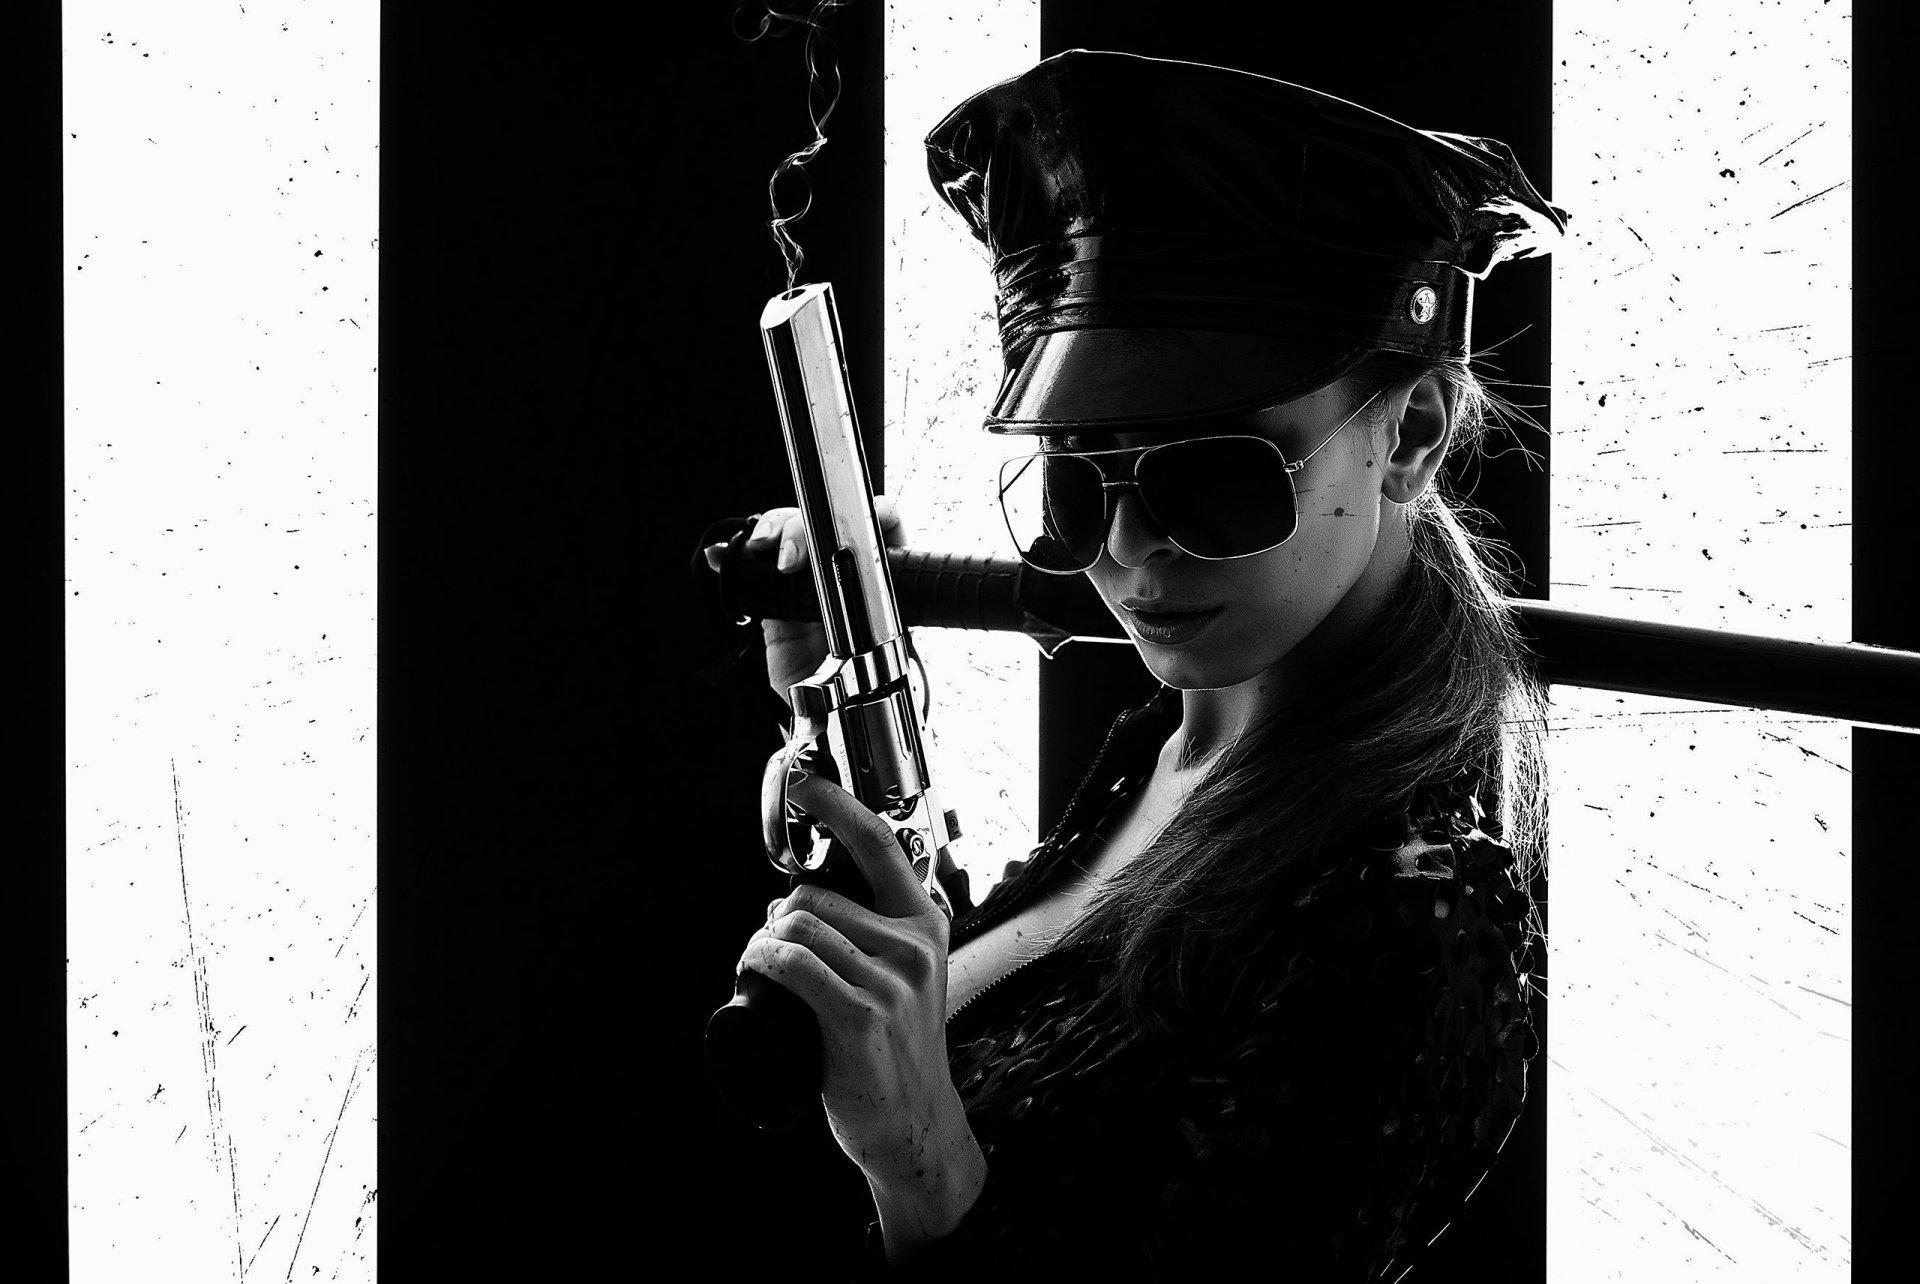 Картинки, крутые картинки для девочек с пистолетами